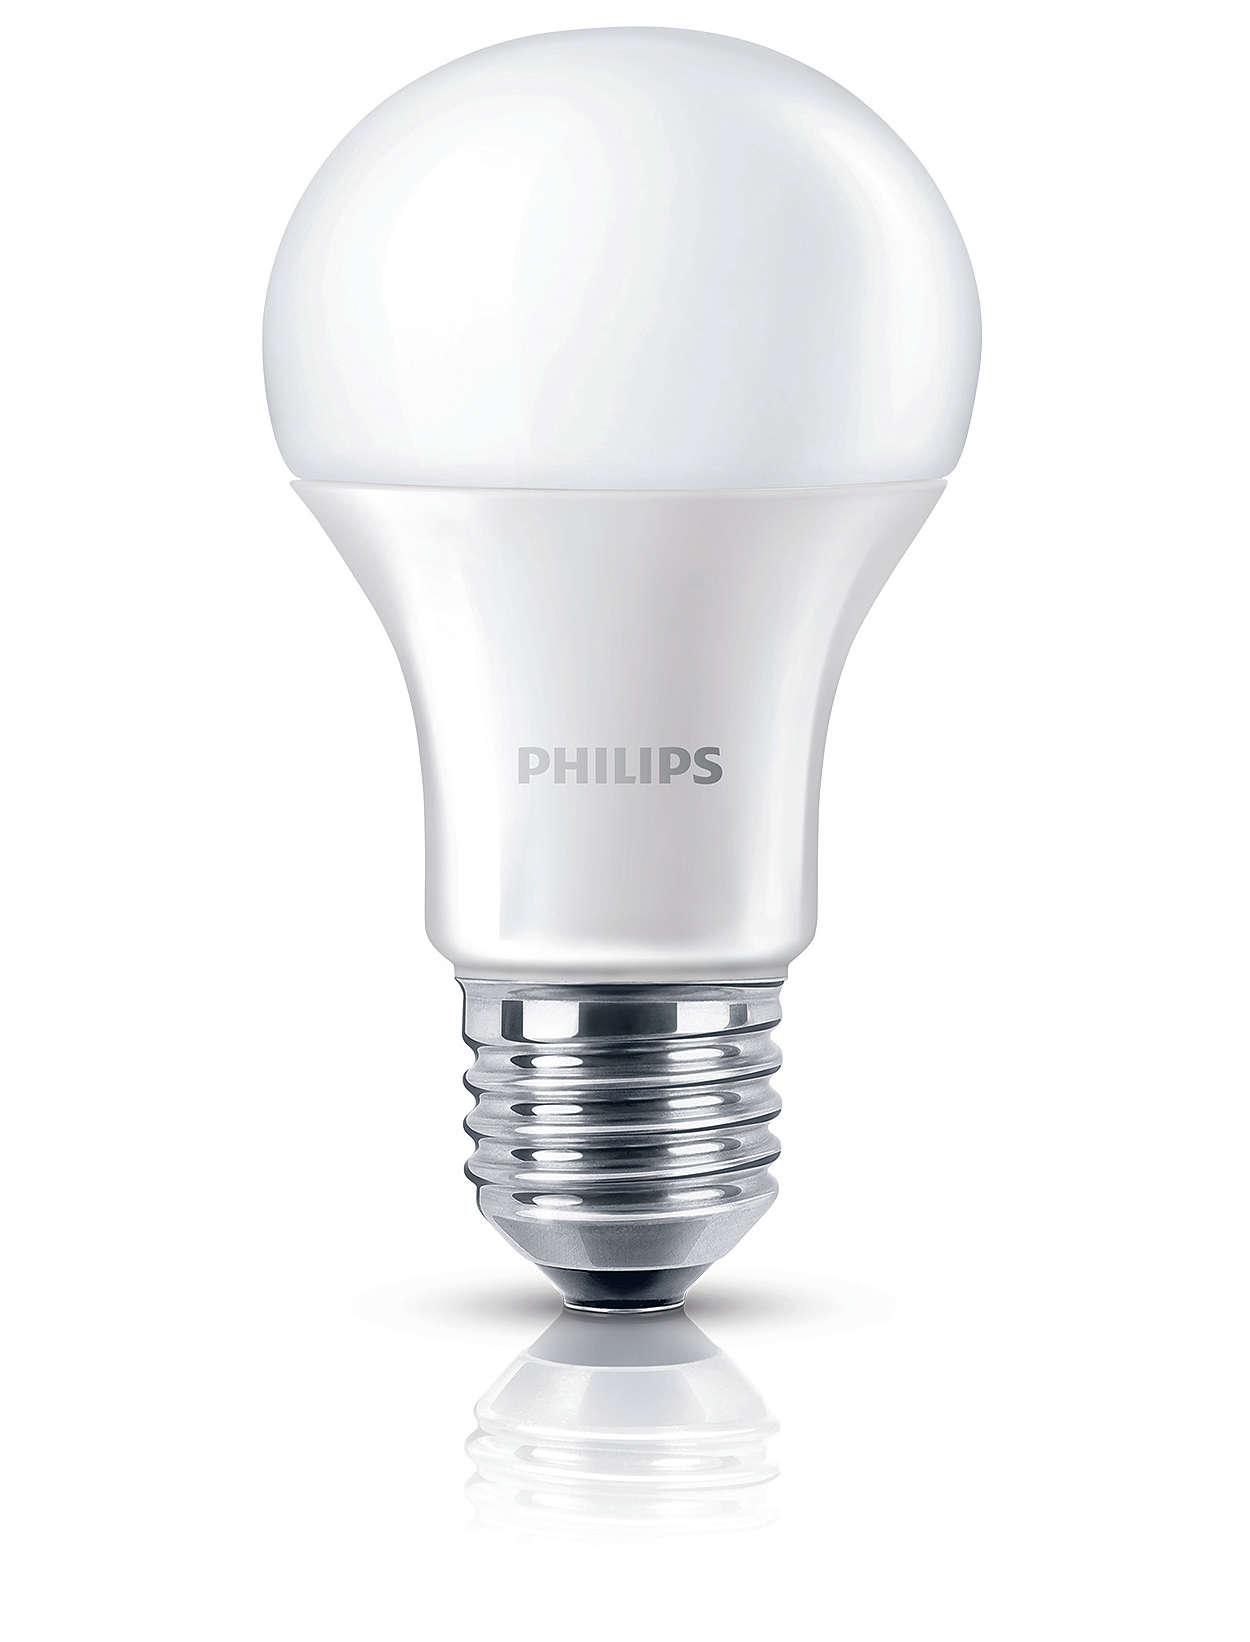 Lämmin valkoinen valo ilman kompromisseja valon laadun suhteen